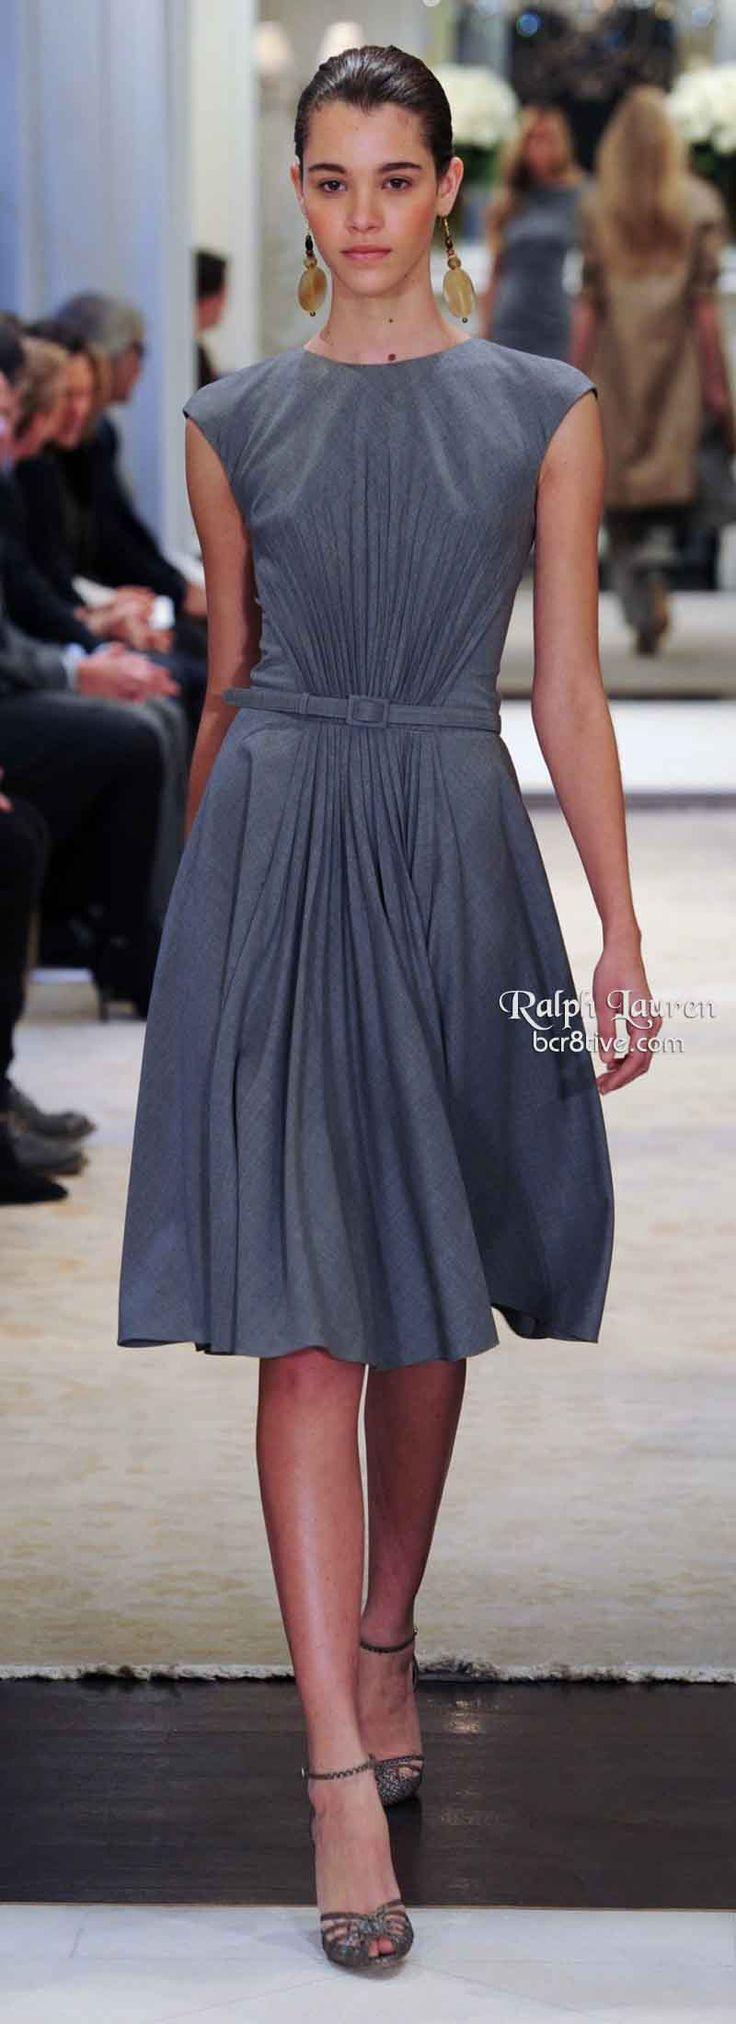 Love this dress. Ralph Lauren Pre Fall 2014